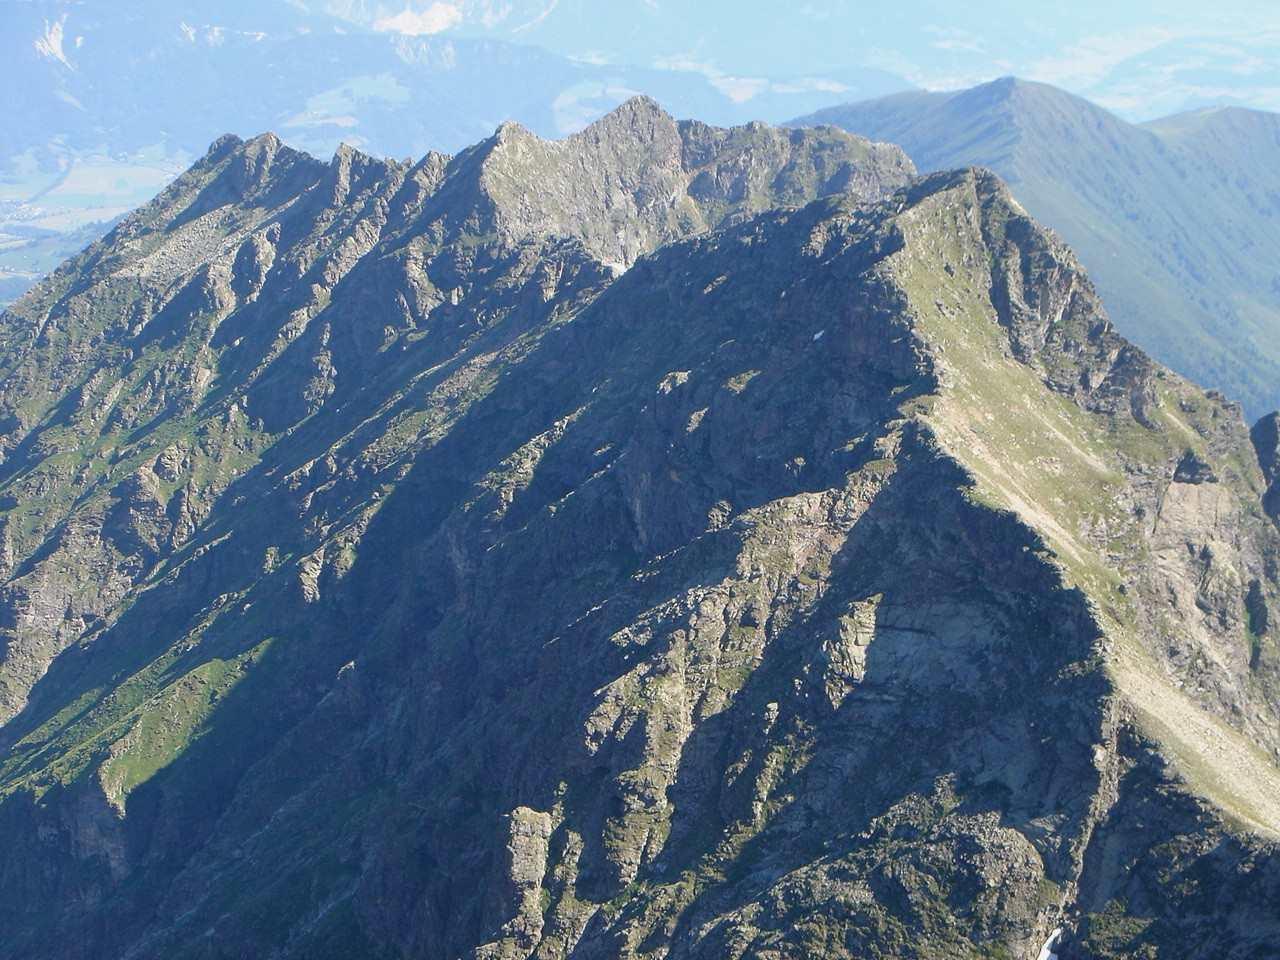 Foto: Manfred Karl / Wander Tour / Hochwildstelle-Überschreitung / Umlaufergrat vom Gipfel aus gesehen. / 15.06.2007 23:01:46